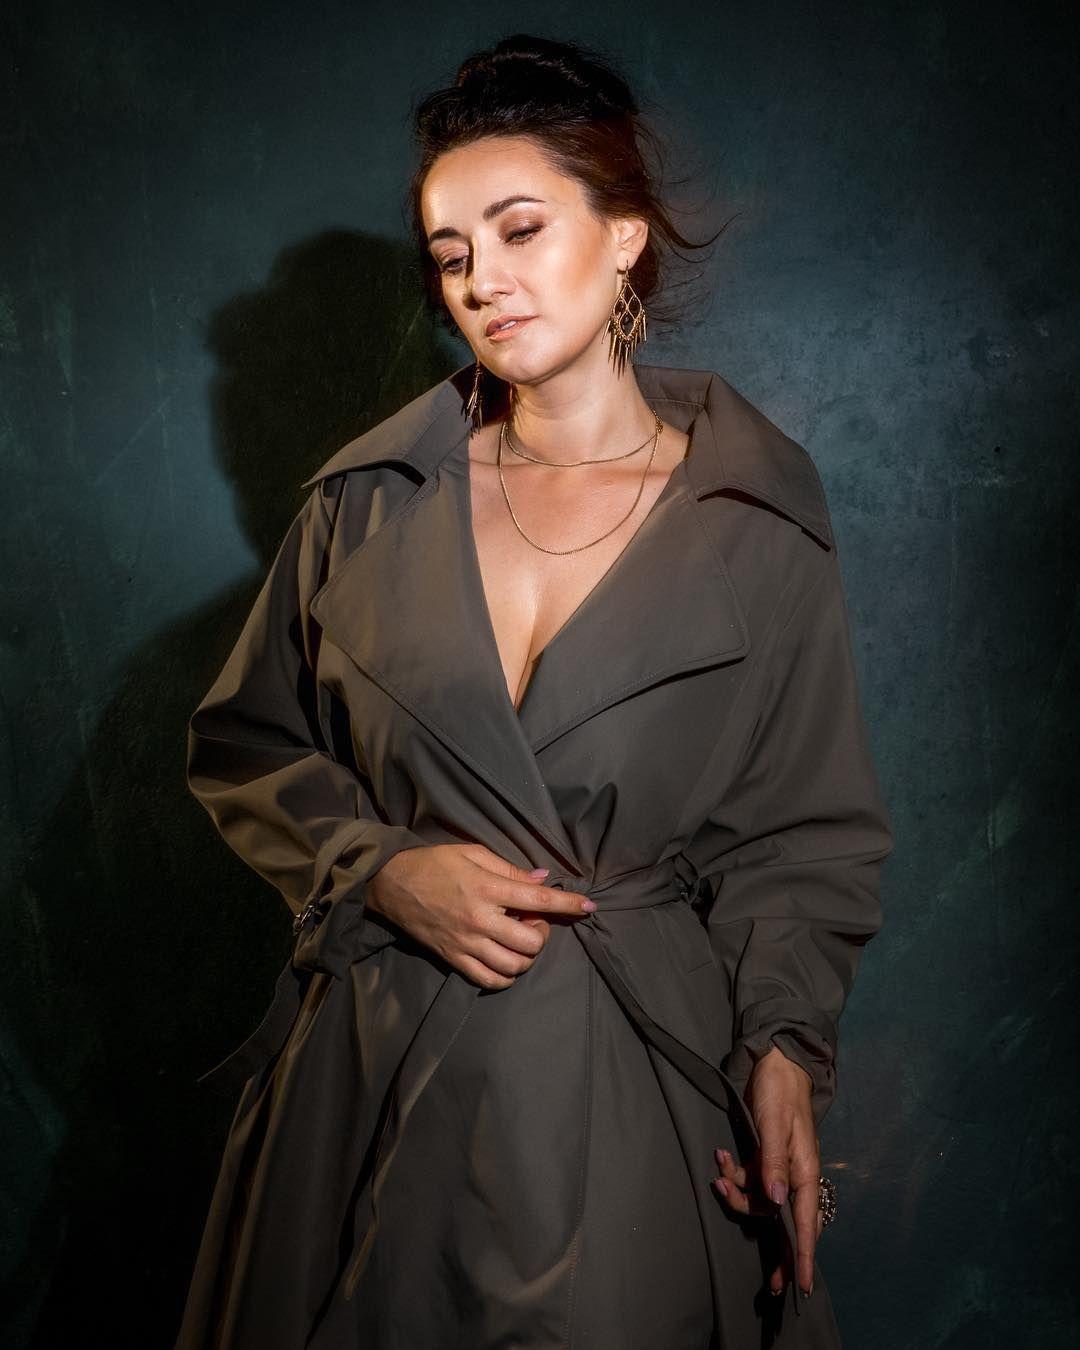 Соломия Витвицкая позирует с соблазнительным декольте (фото)